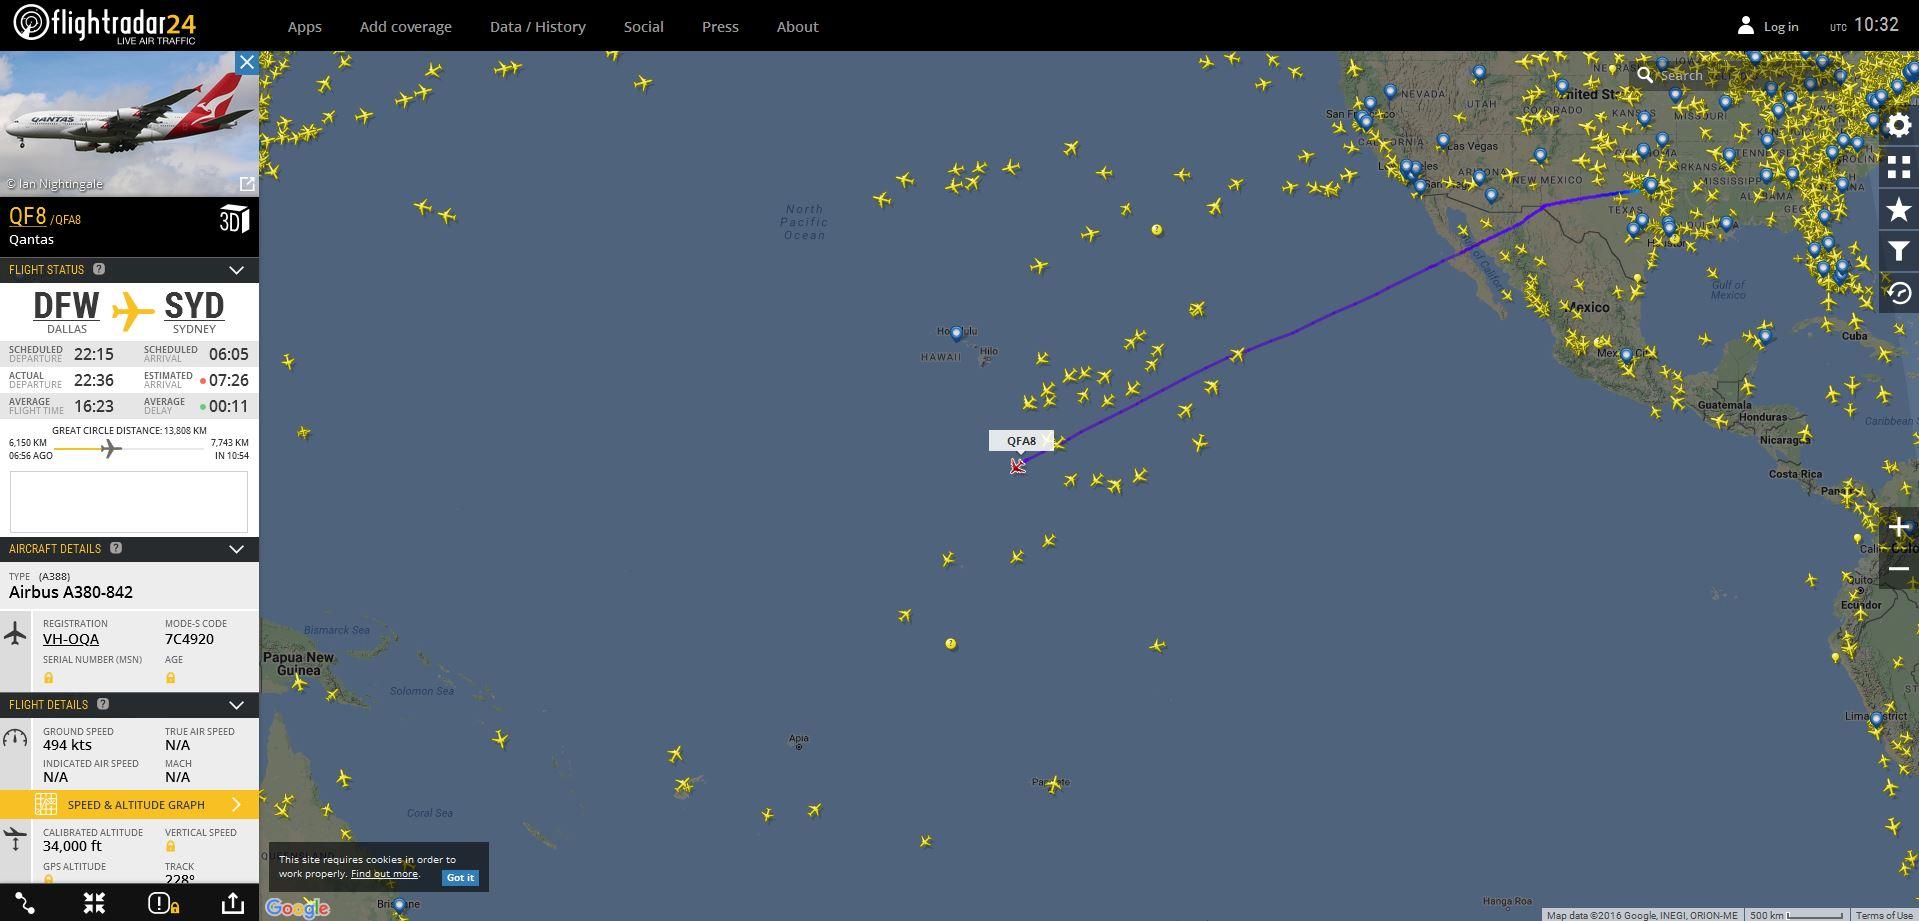 radarvirtuel.com/Flightradar24.com : tous les avions en vol en direct sur une carte - Page 4 Sans_t11